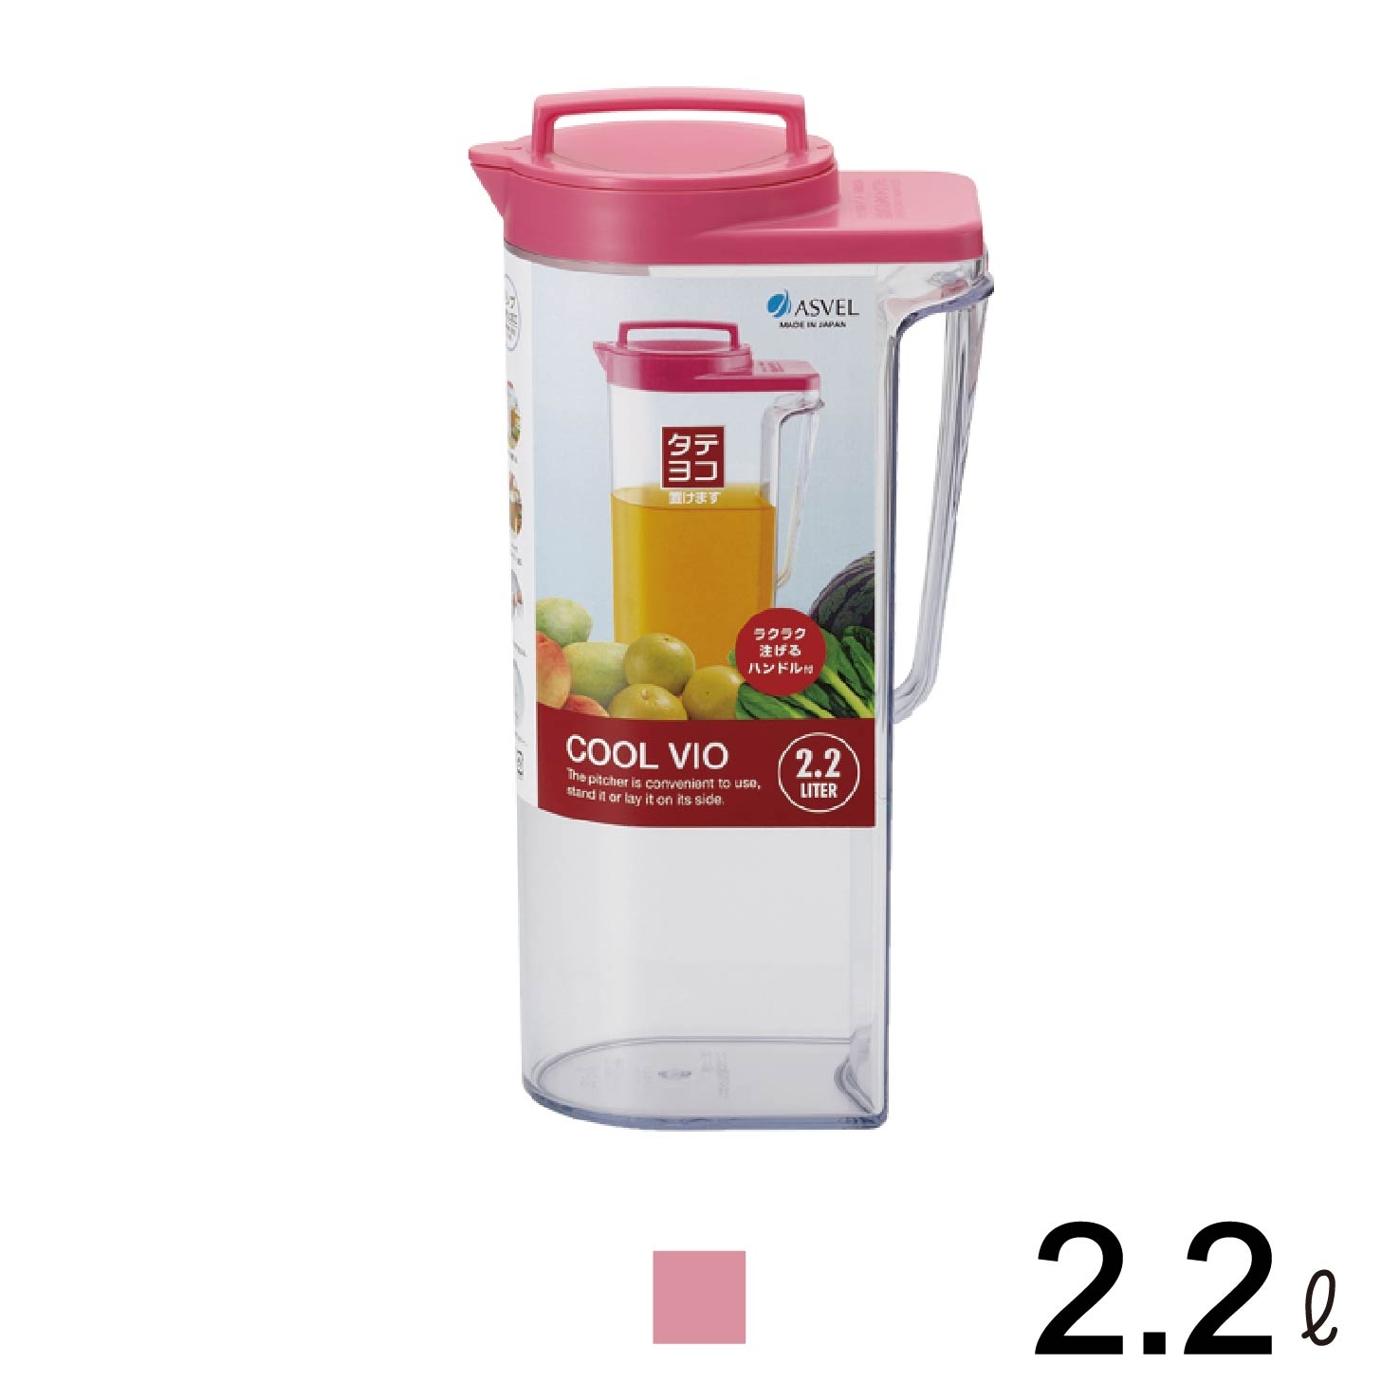 日本ASVEL-VIO冷水壺-2.2ml/ 廚房用品 夏日清涼 透明質感 防漏 果汁 咖啡 茶水 飲料